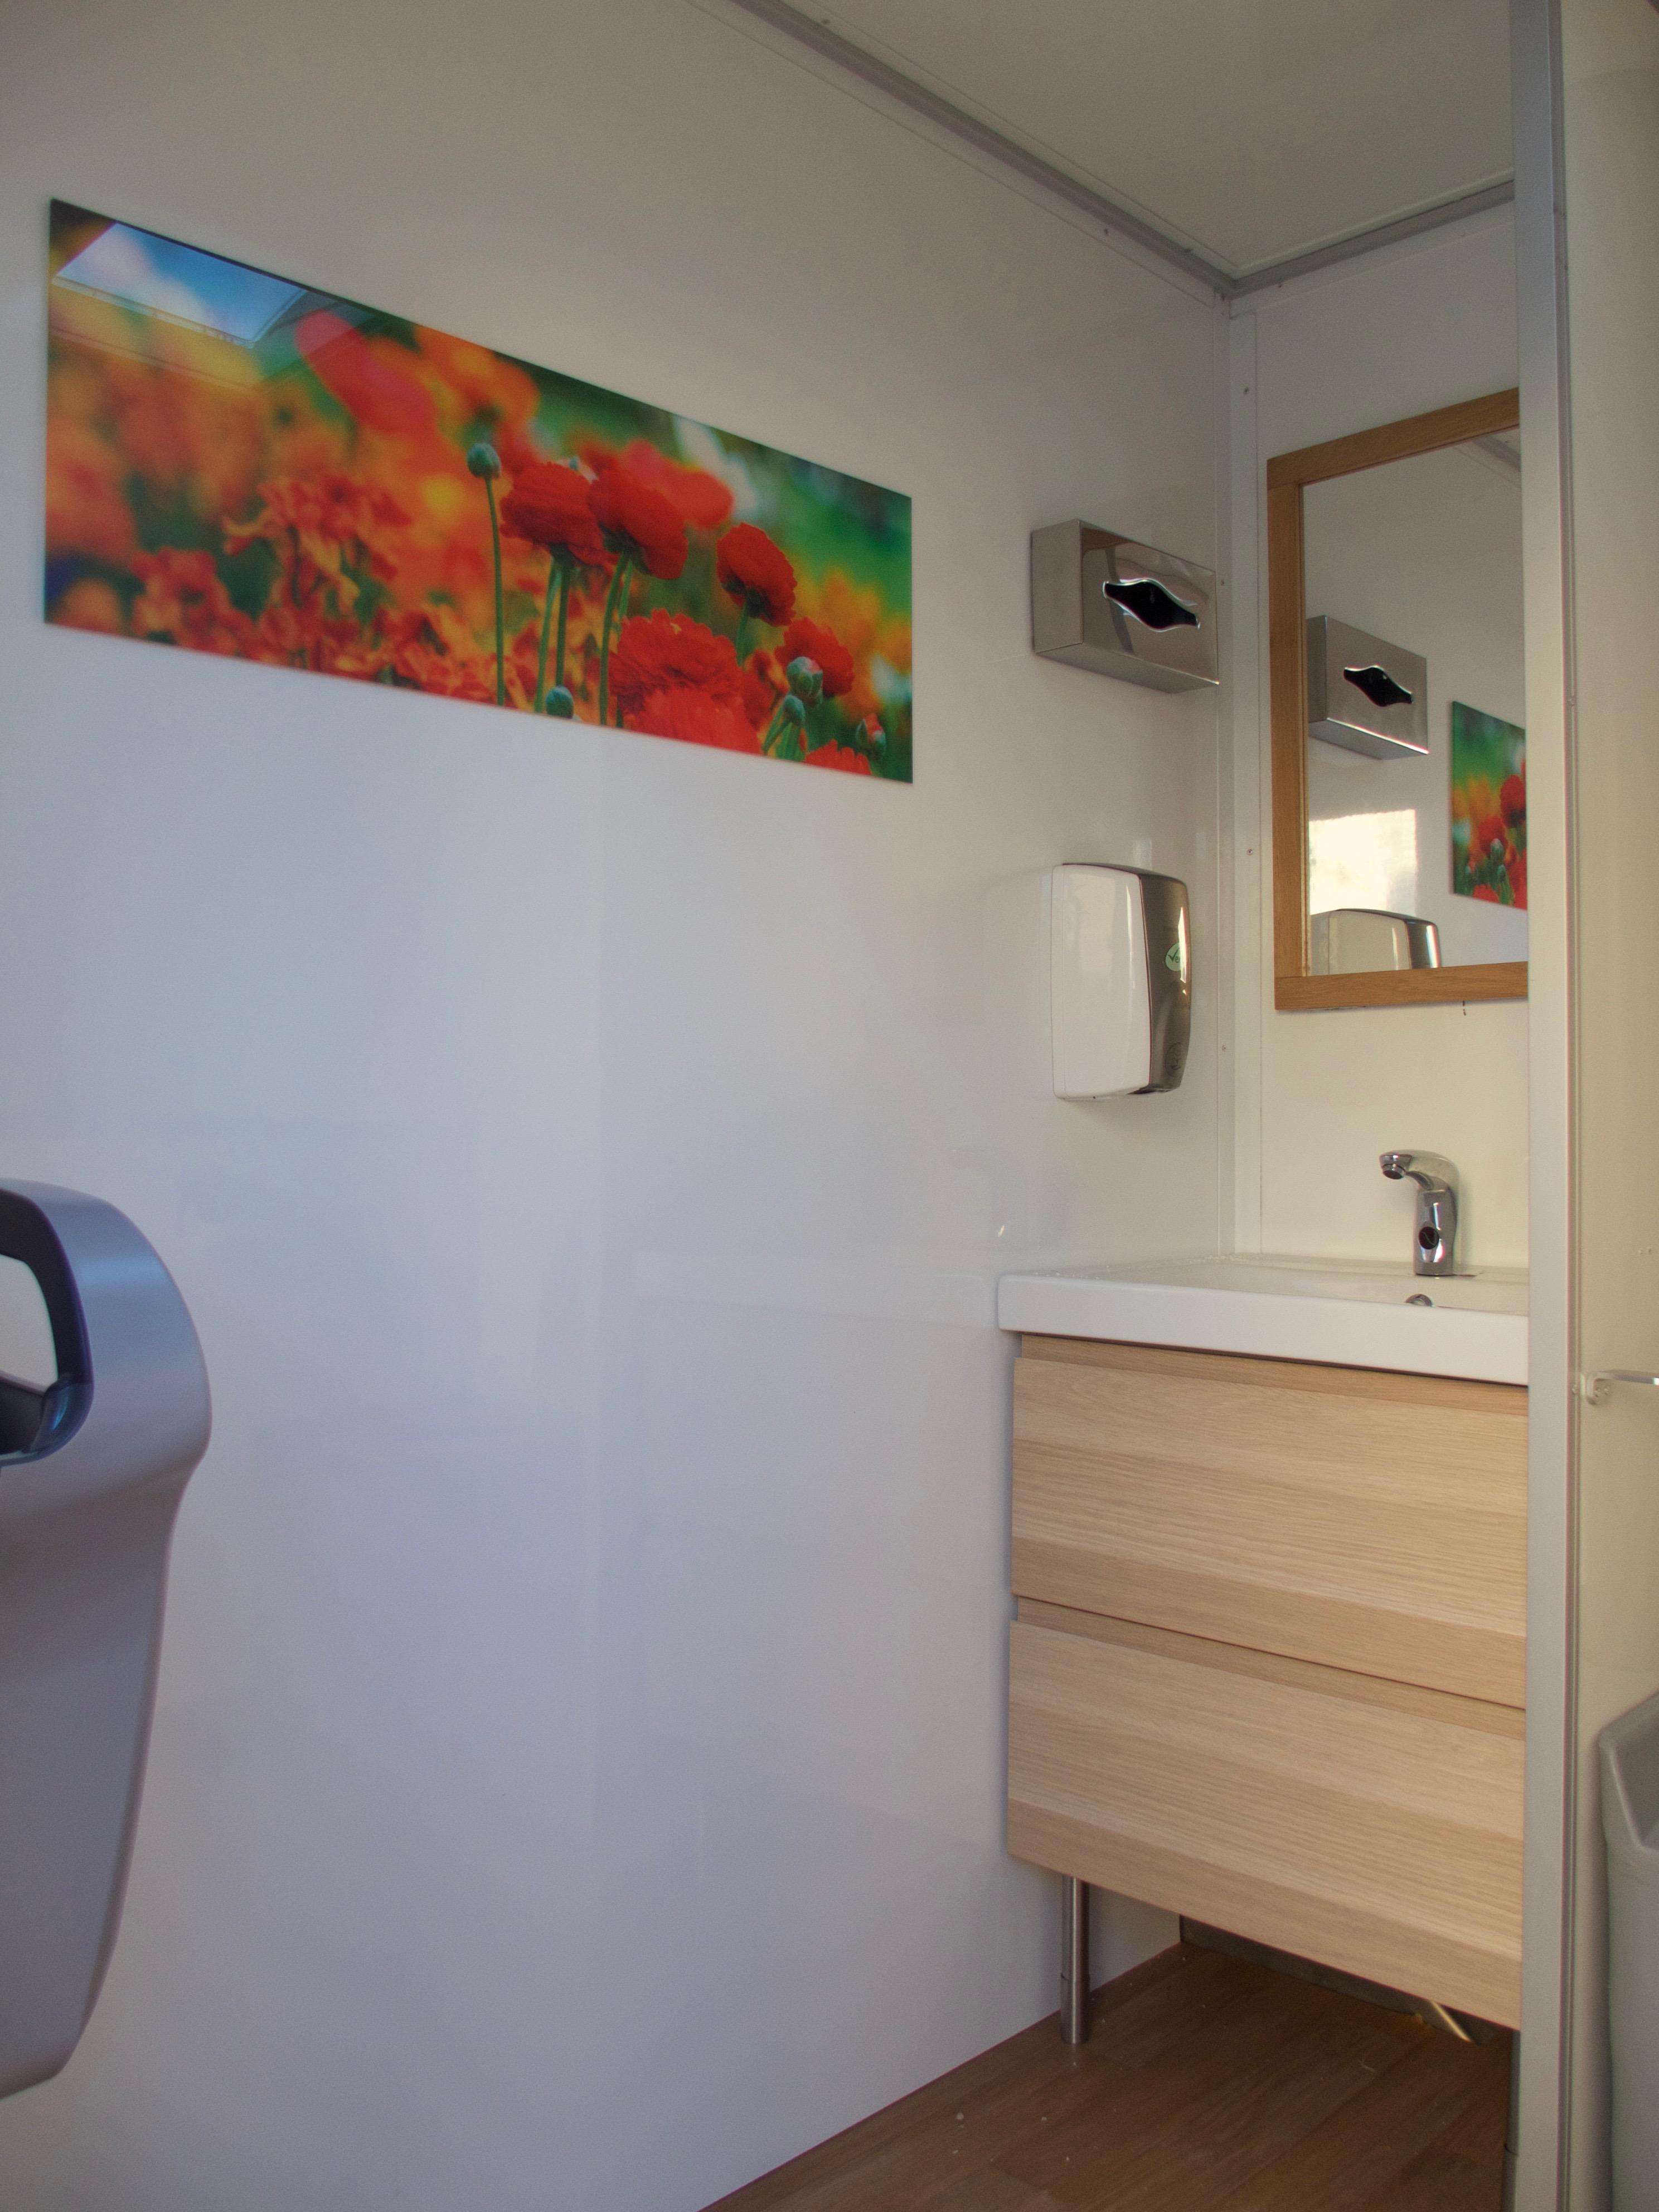 caravane sanitaire confort location toilettes chimiques. Black Bedroom Furniture Sets. Home Design Ideas